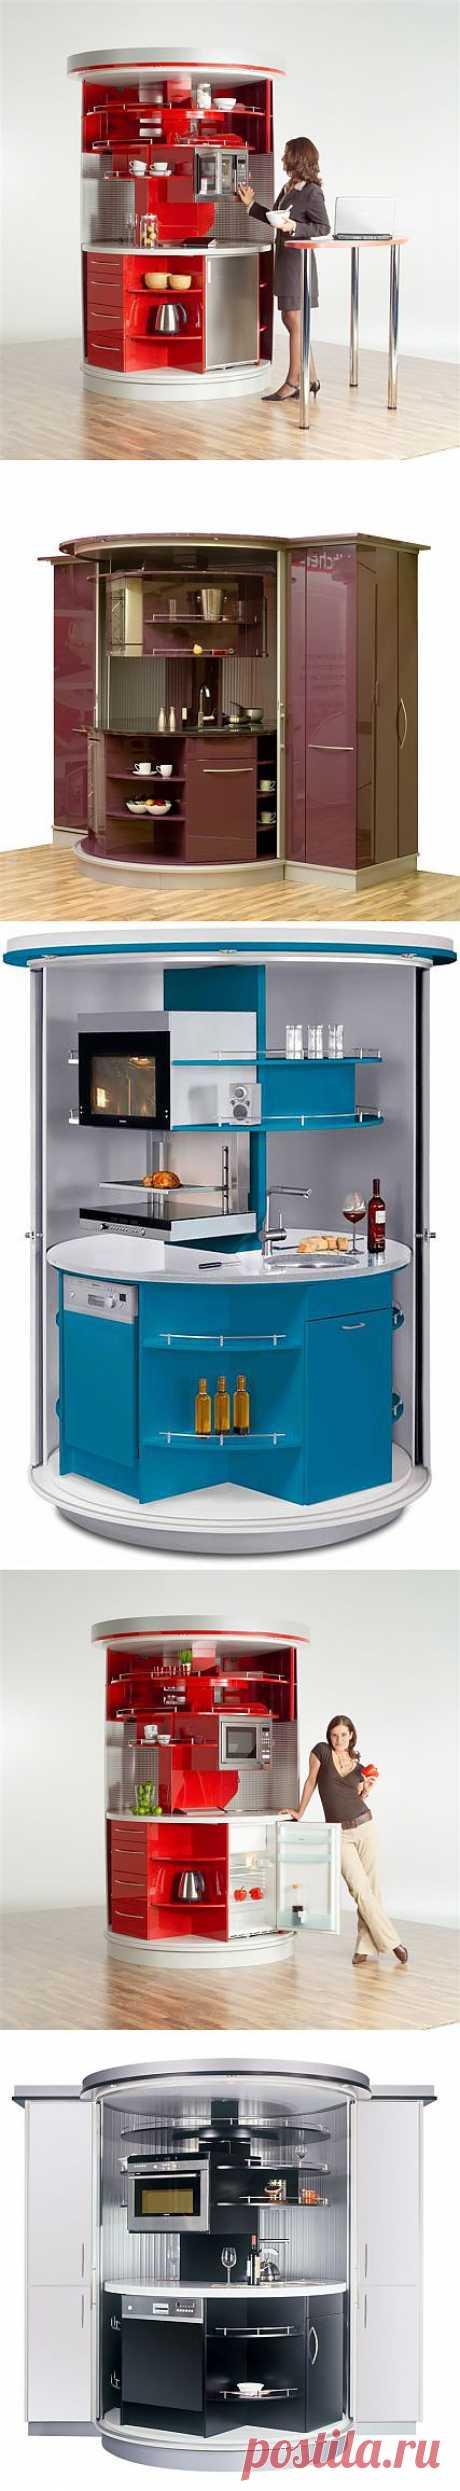 Дизайн вращающейся компактной кухни | Наш уютный дом